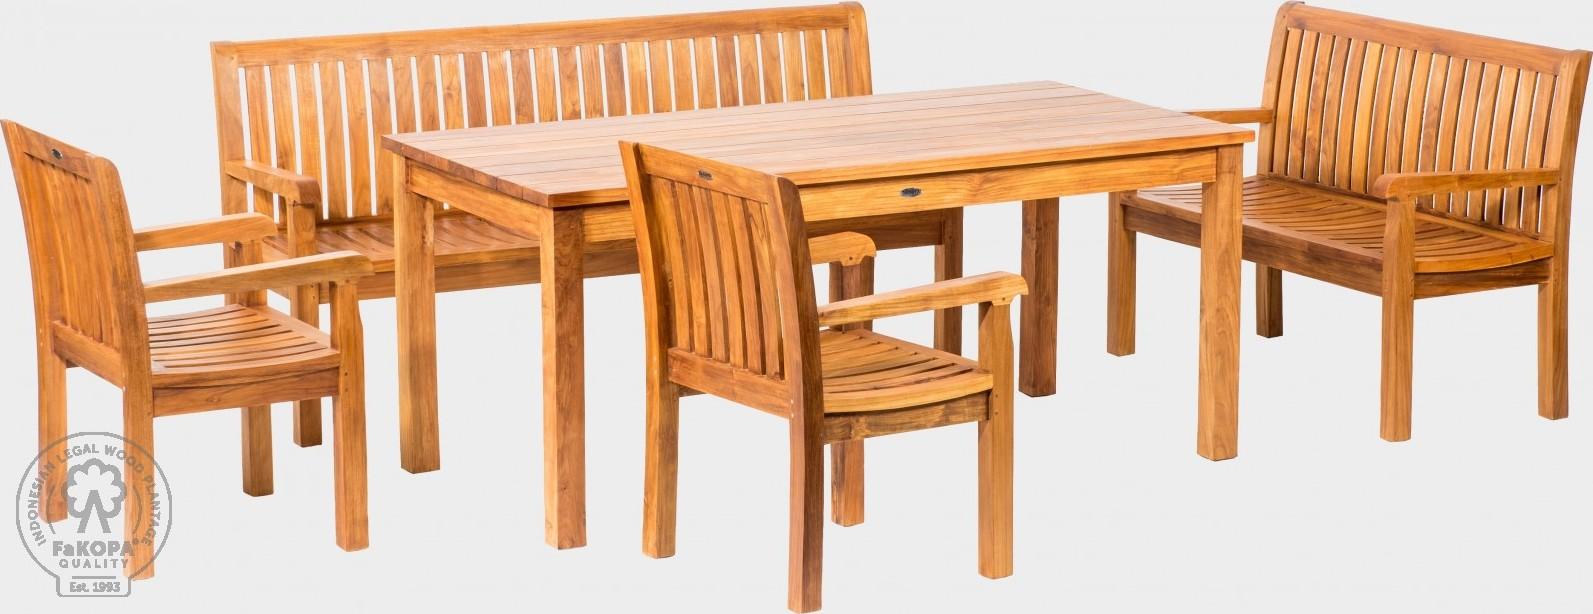 FaKOPA Luxusní venkovní sezení z kvalitního teakového dřeva Nonna